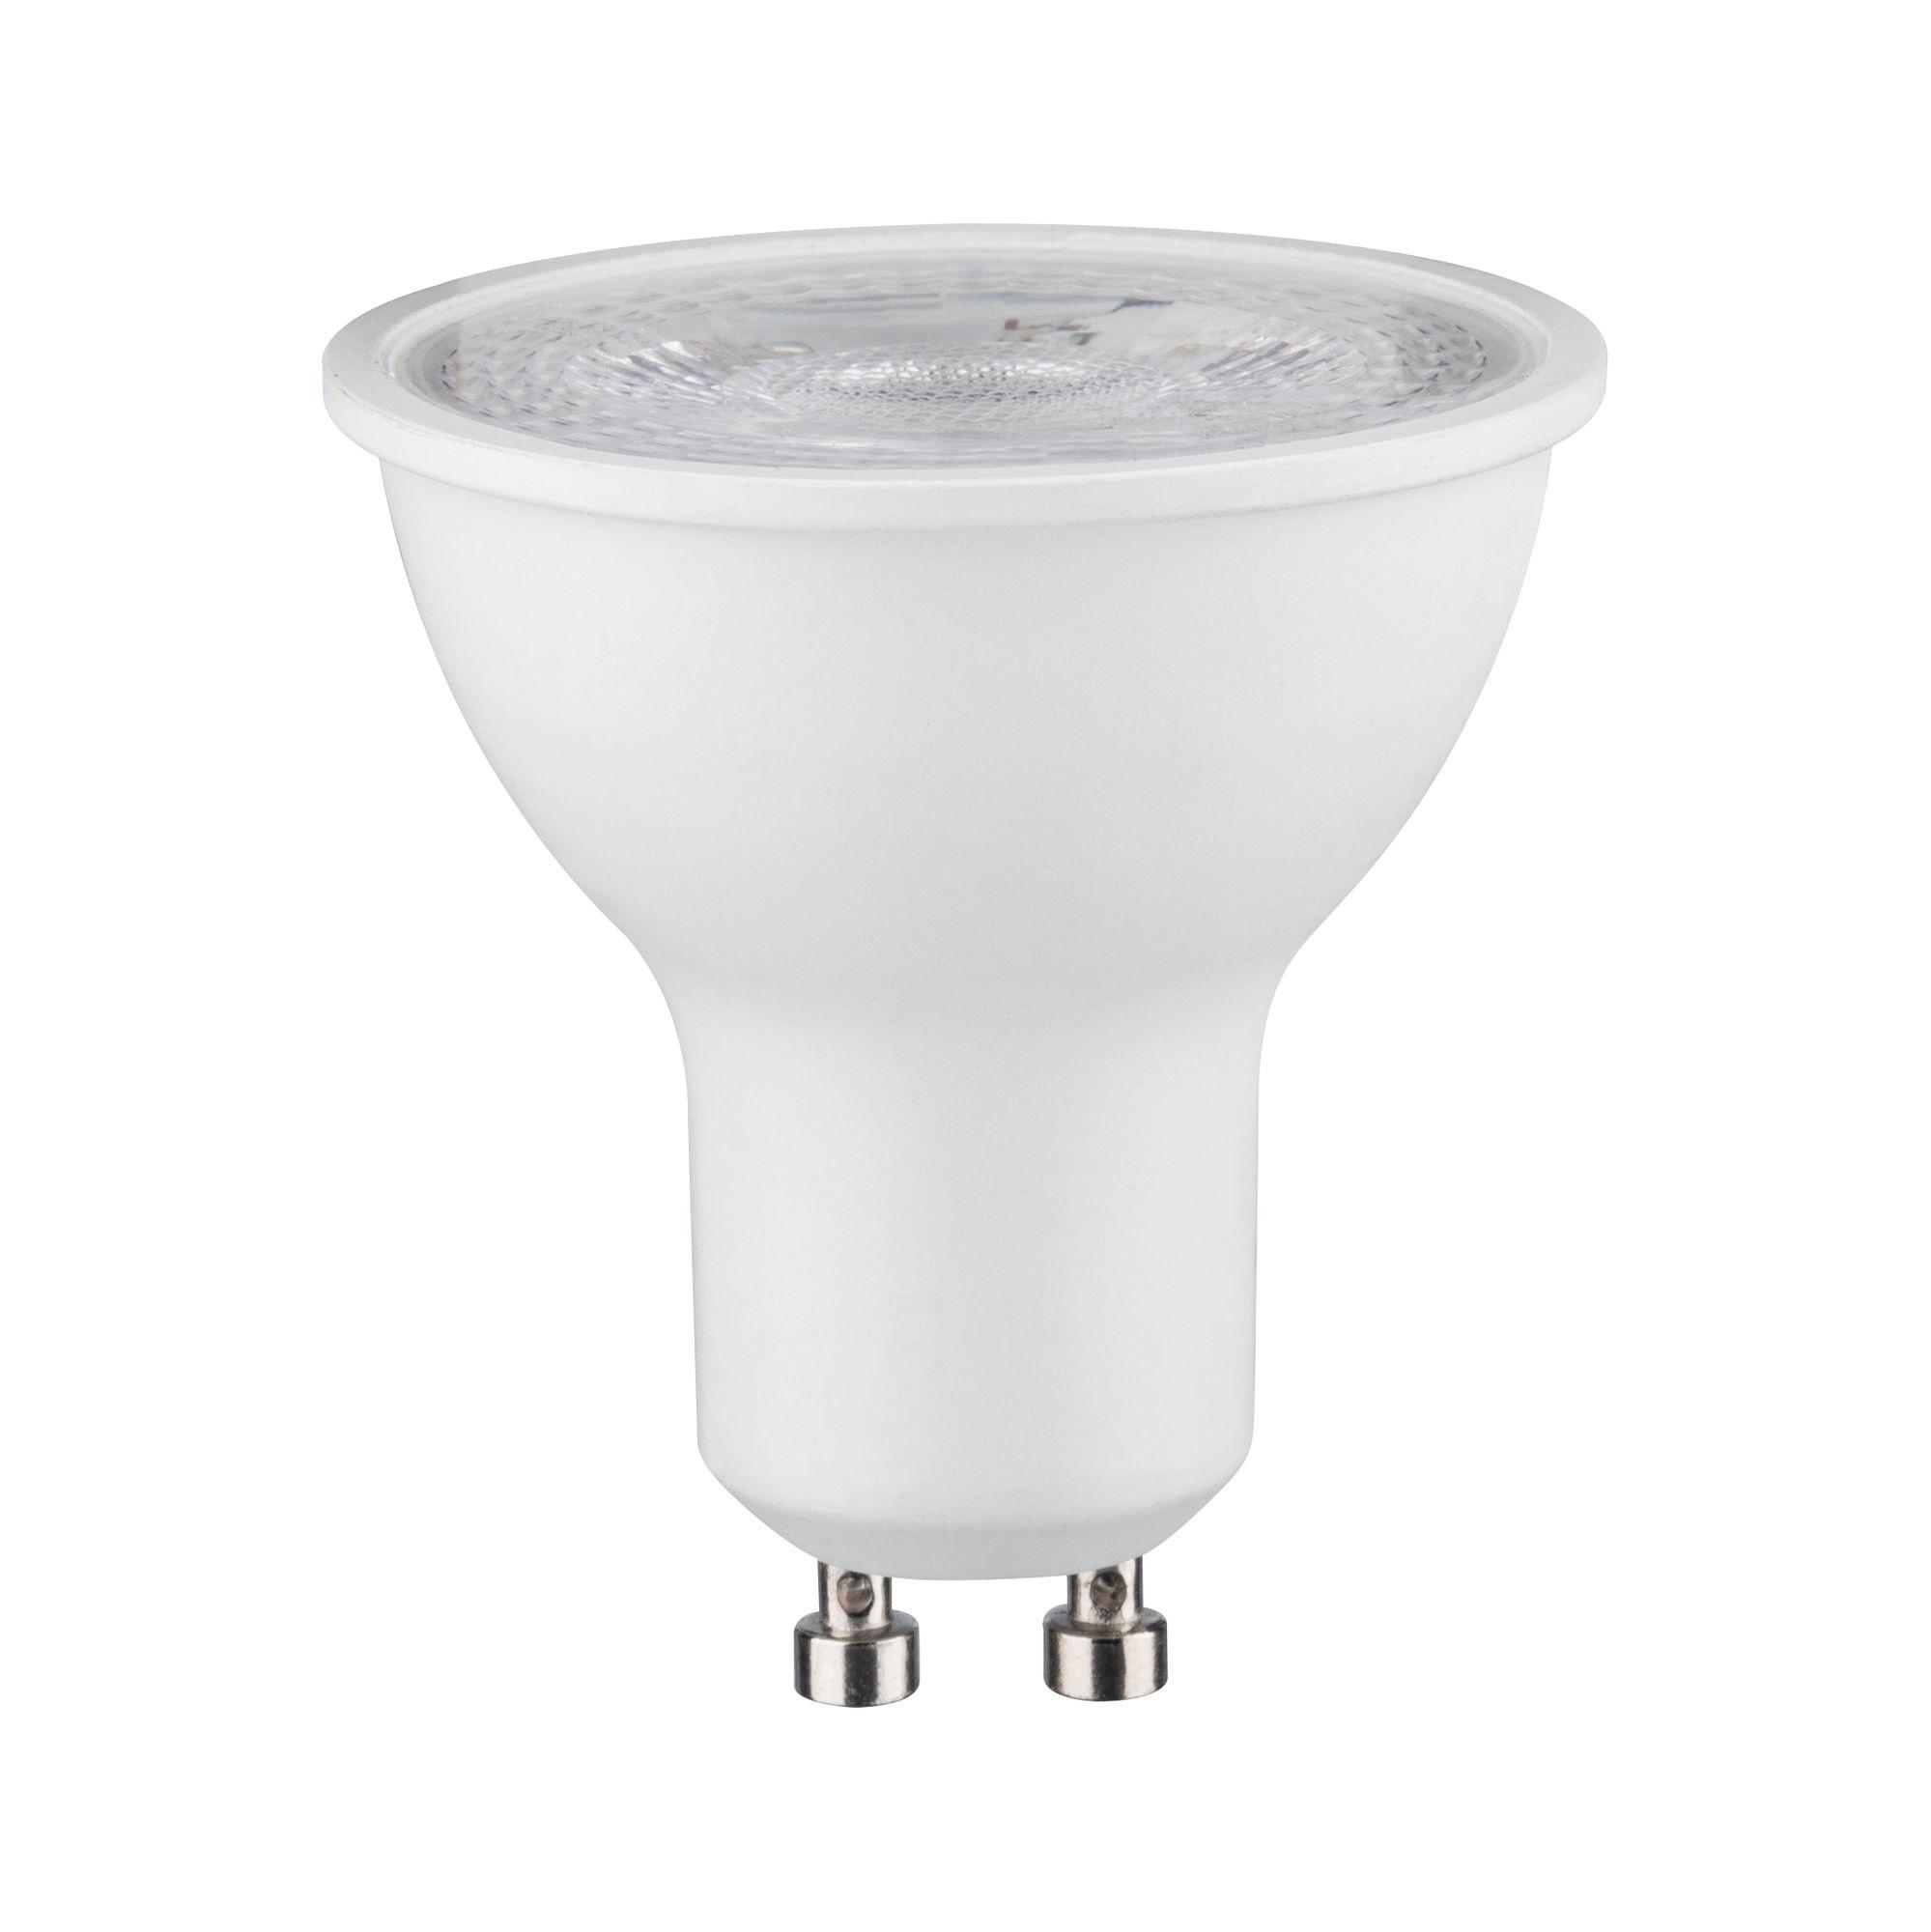 Paulmann LED Reflektor 7 Watt Weiß matt GU10 2.700K Warmweiß